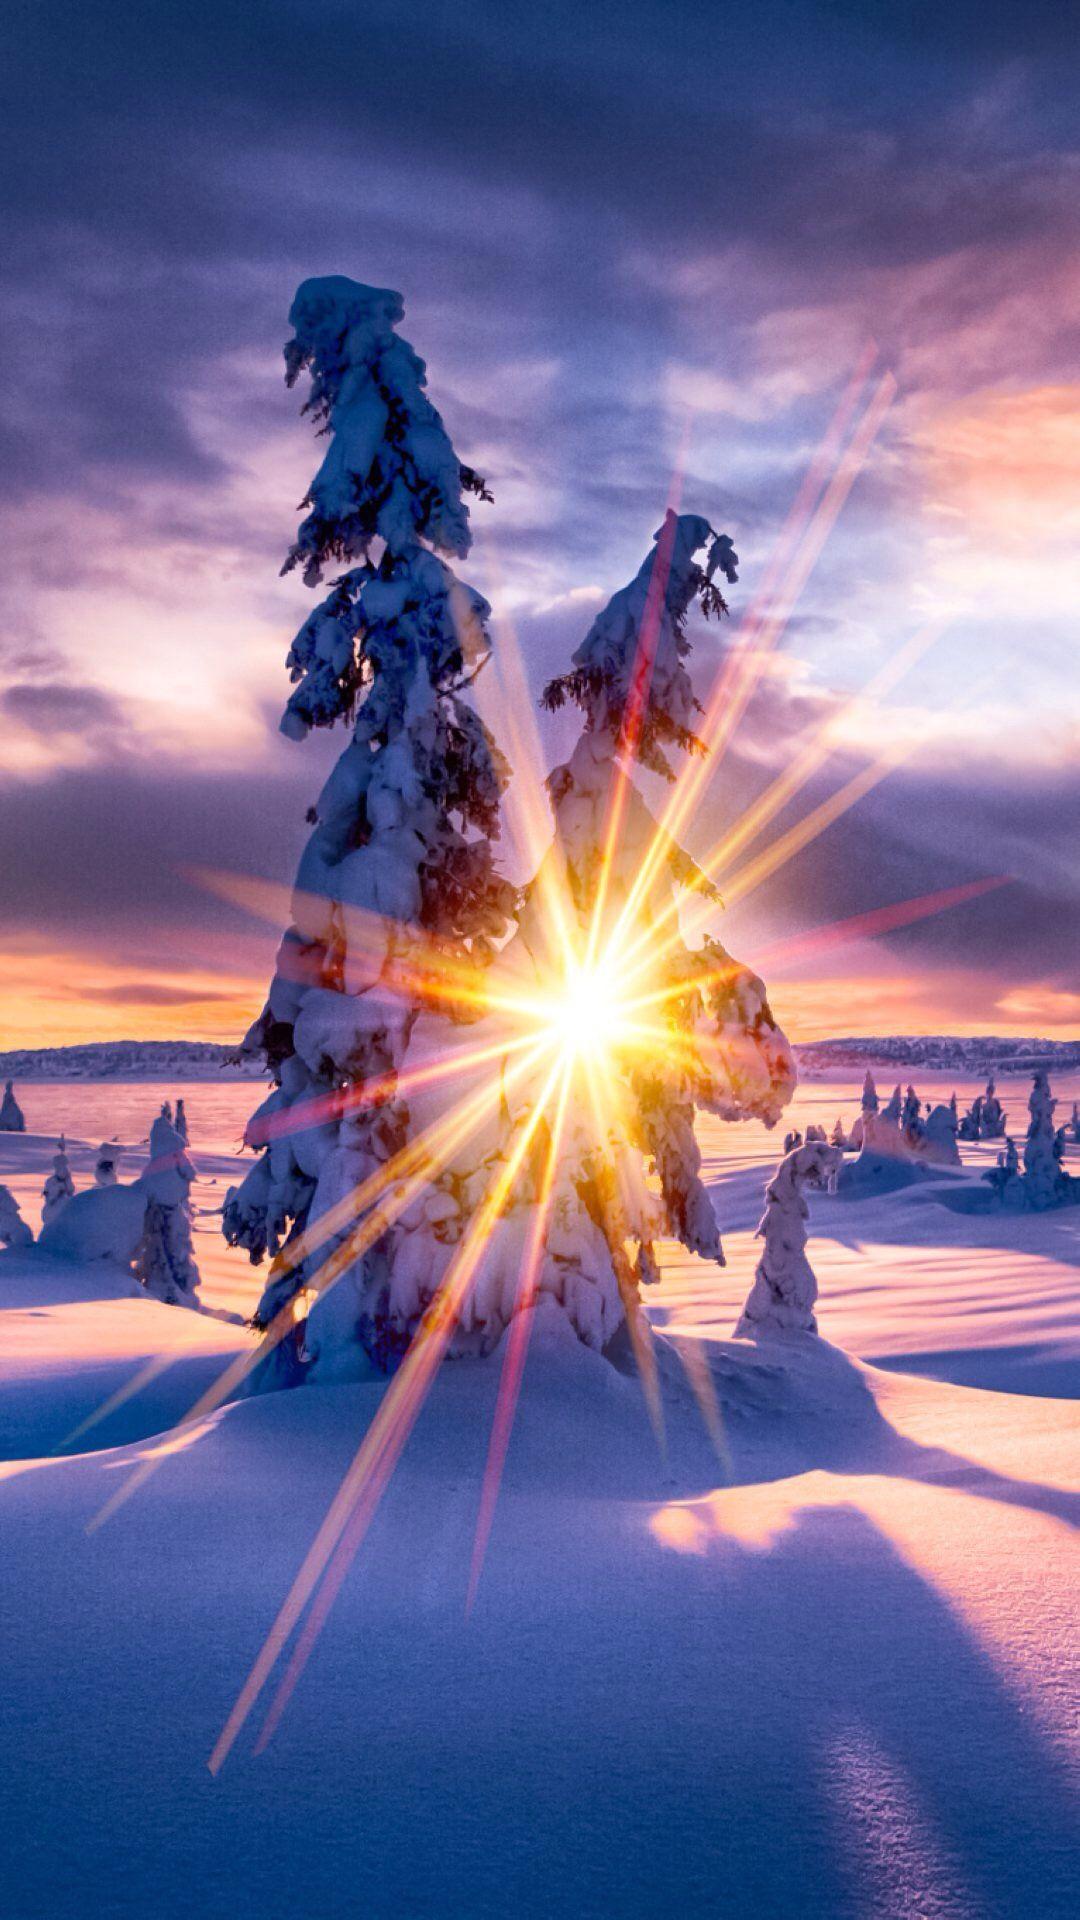 Pin by Jordinly Renee on Majestic Winter scenes, Snowy